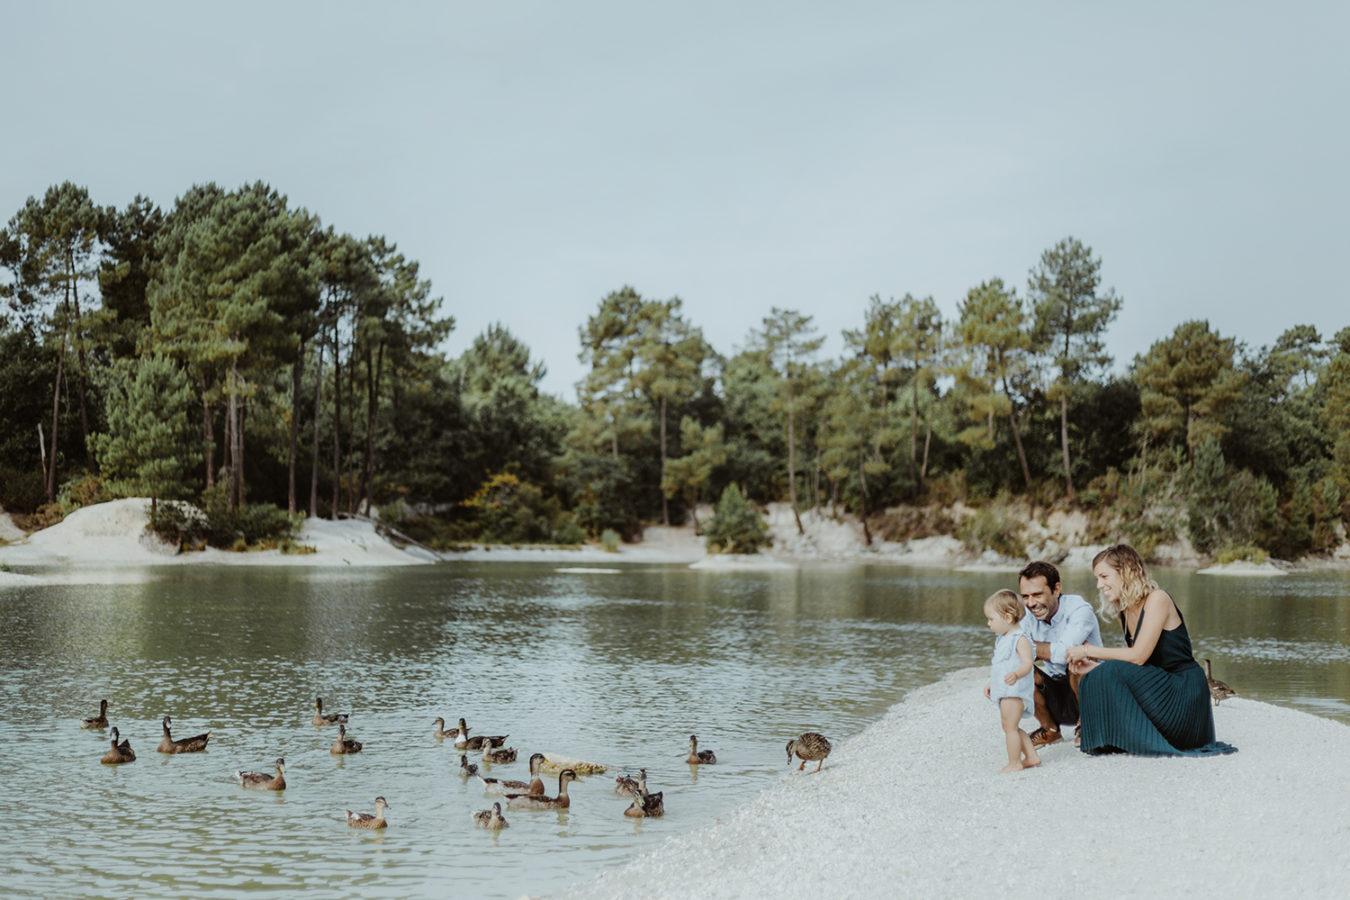 seance photo portrait famille lac canards